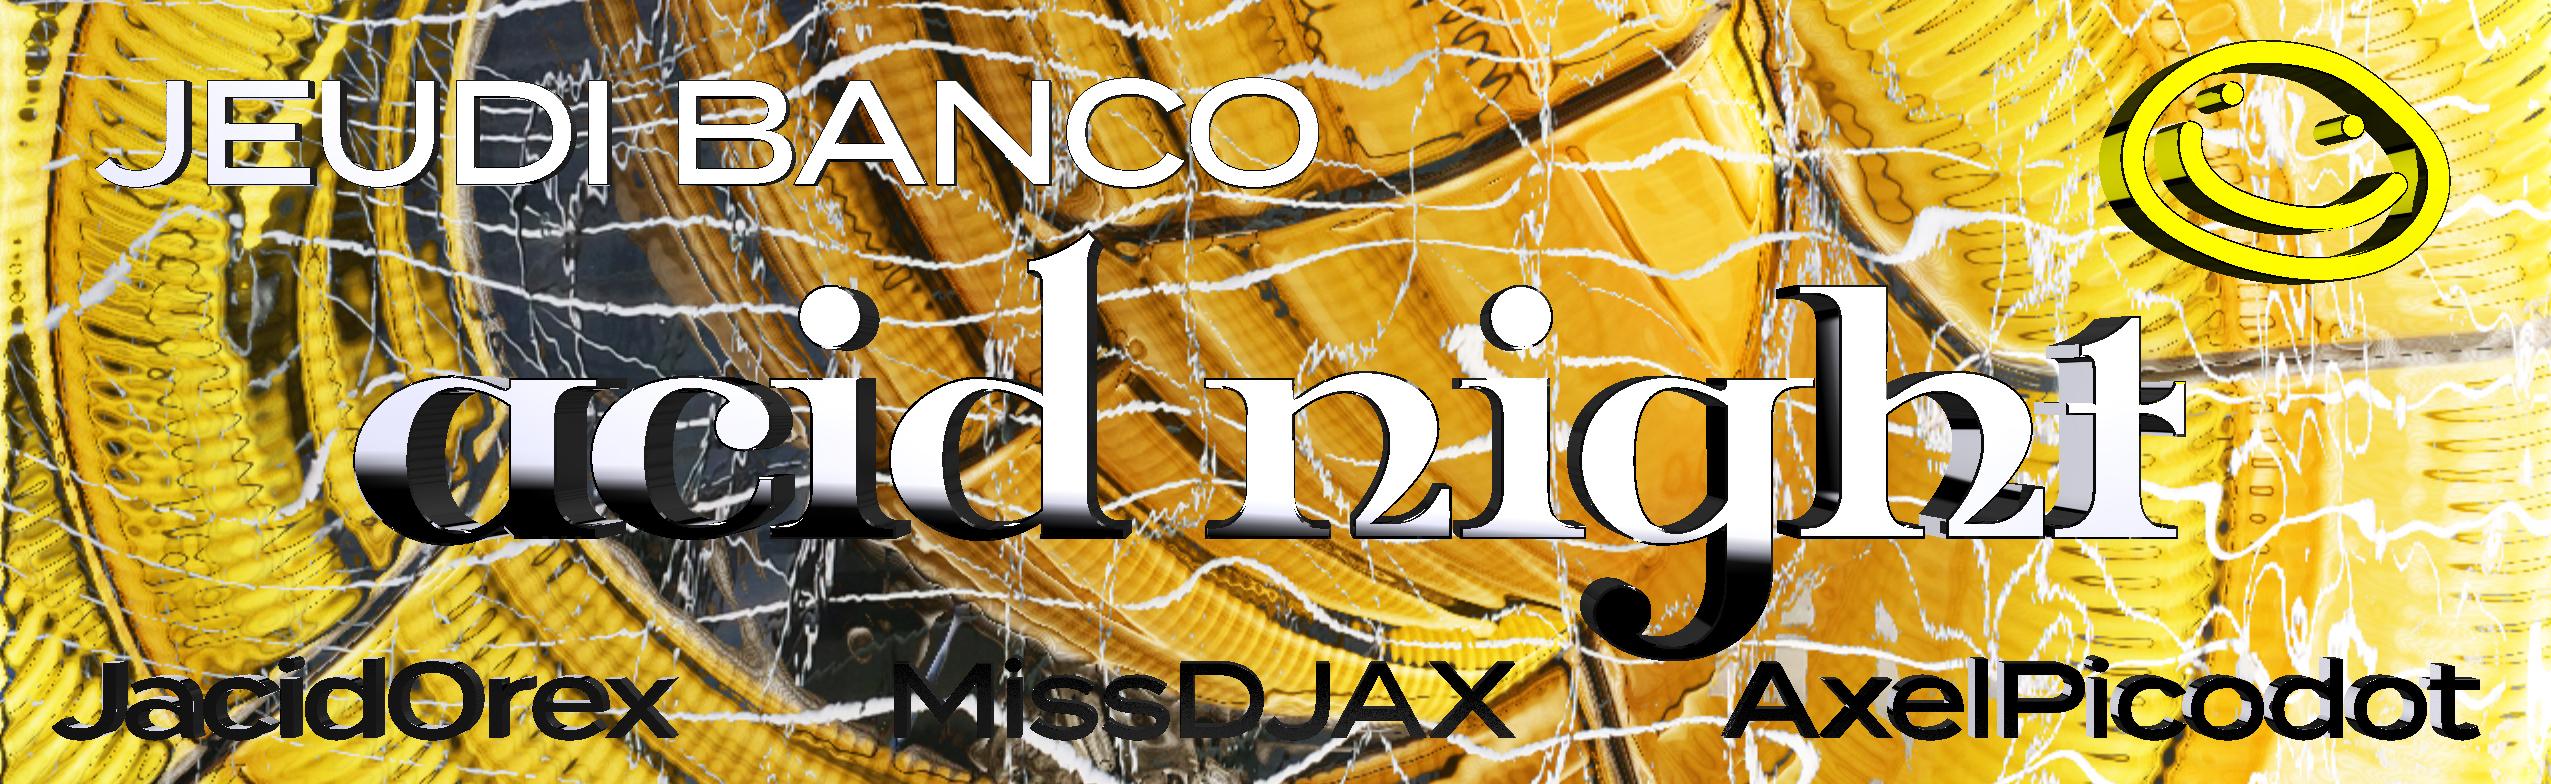 ACID NIGHT : Jacid0rex • Axel Picodot • Miss Djax